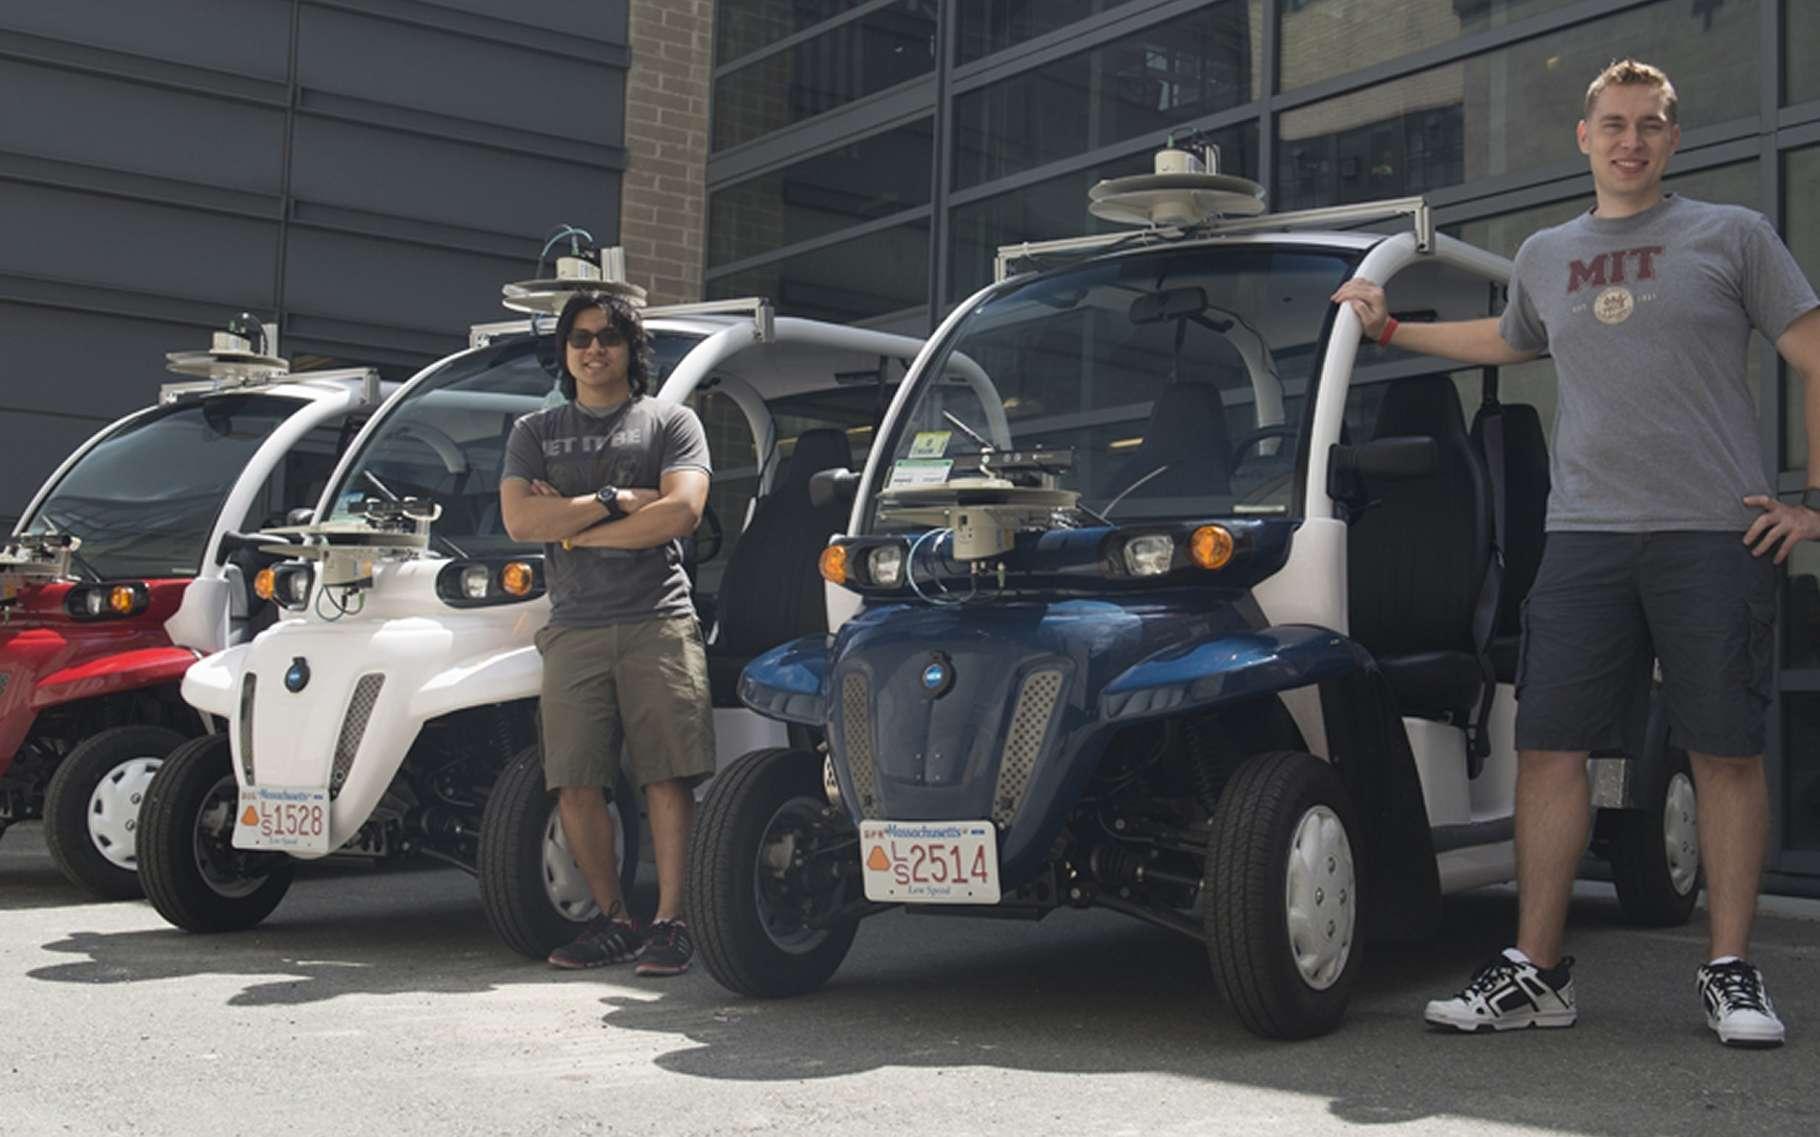 Avec leur lidar (visible sur le toit), les petites navettes expérimentales du campus du MIT regardent les piétons pour les éviter mais en profitent pour les observer et en comprendre les habitudes. Comme les conducteurs de taxis, ils sauront, en fonction de l'heure ou de la saison, se positionner aux bons endroits. © Business Wire